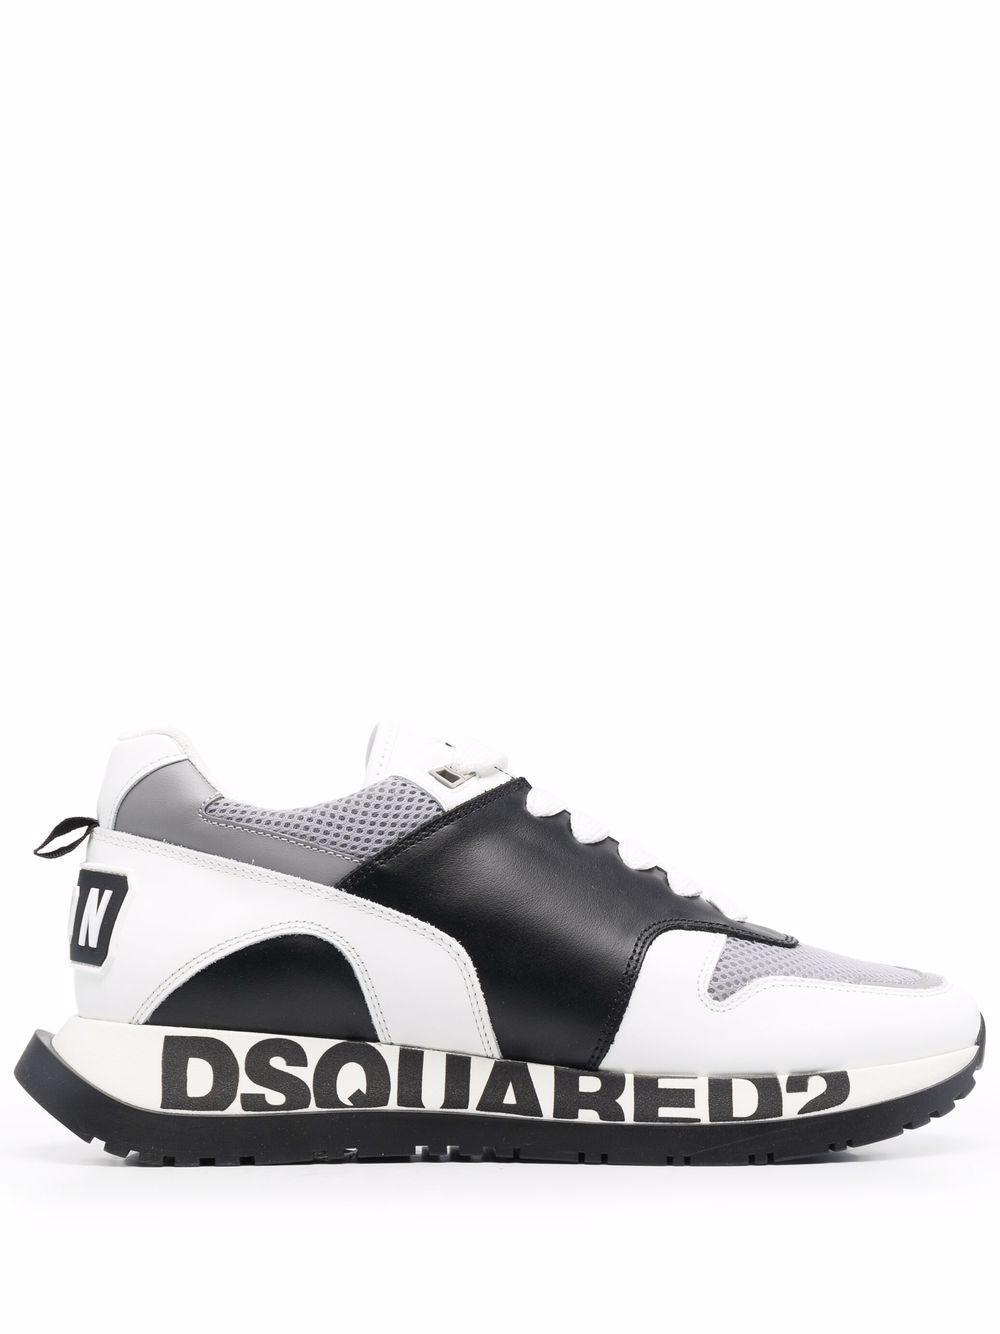 Dsquared2 sneakers nero